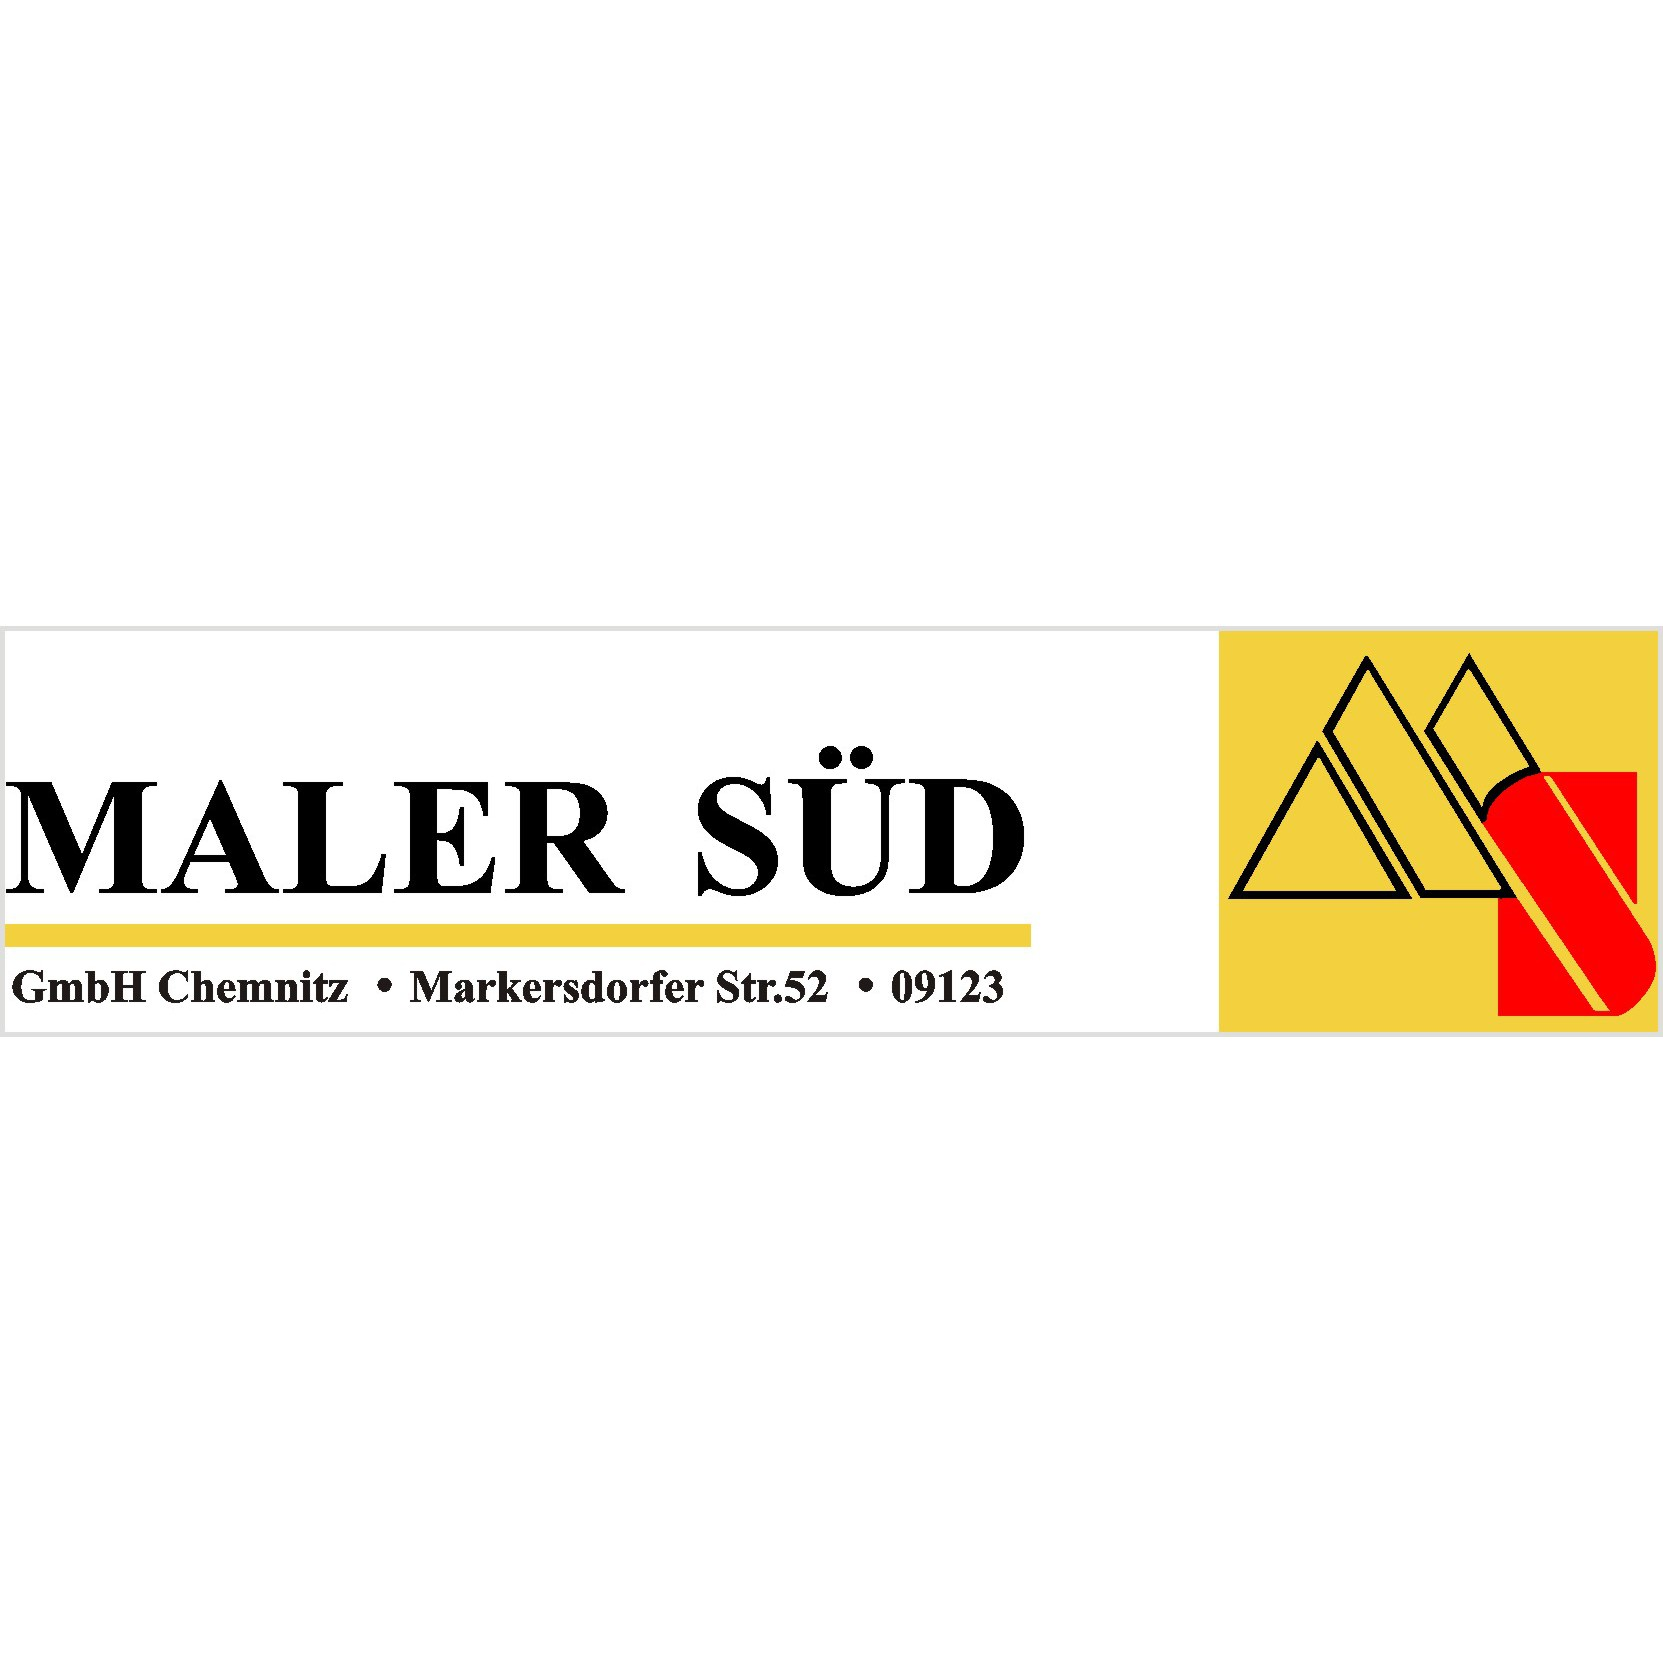 Bild zu Maler Süd GmbH in Chemnitz